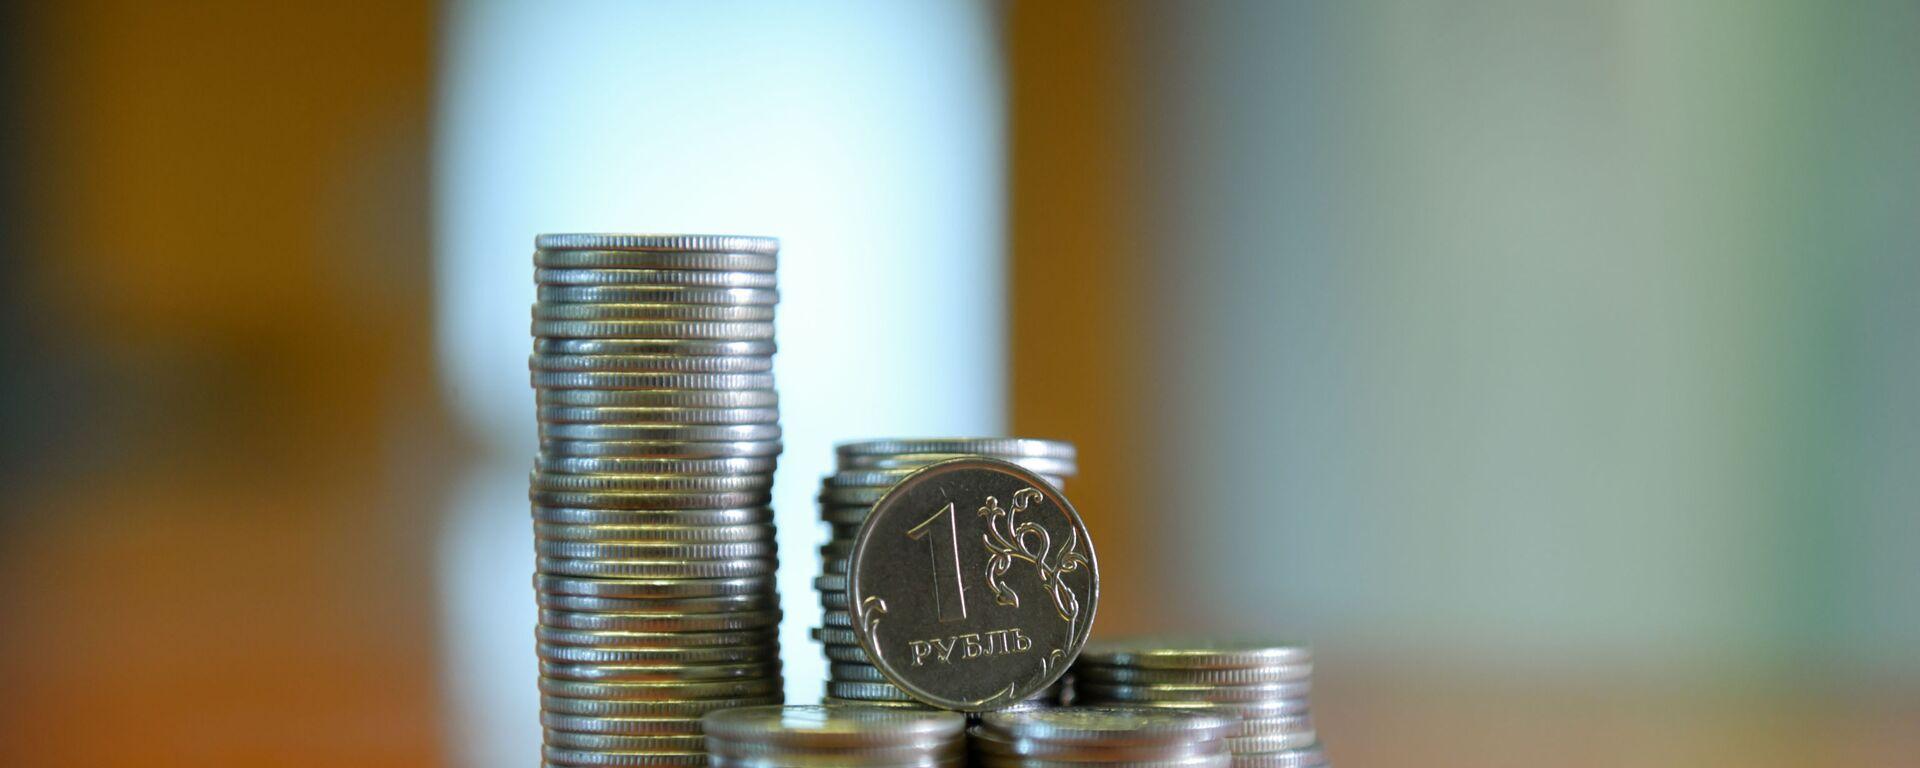 Монета номиналом один рубль  - Sputnik Абхазия, 1920, 04.09.2021